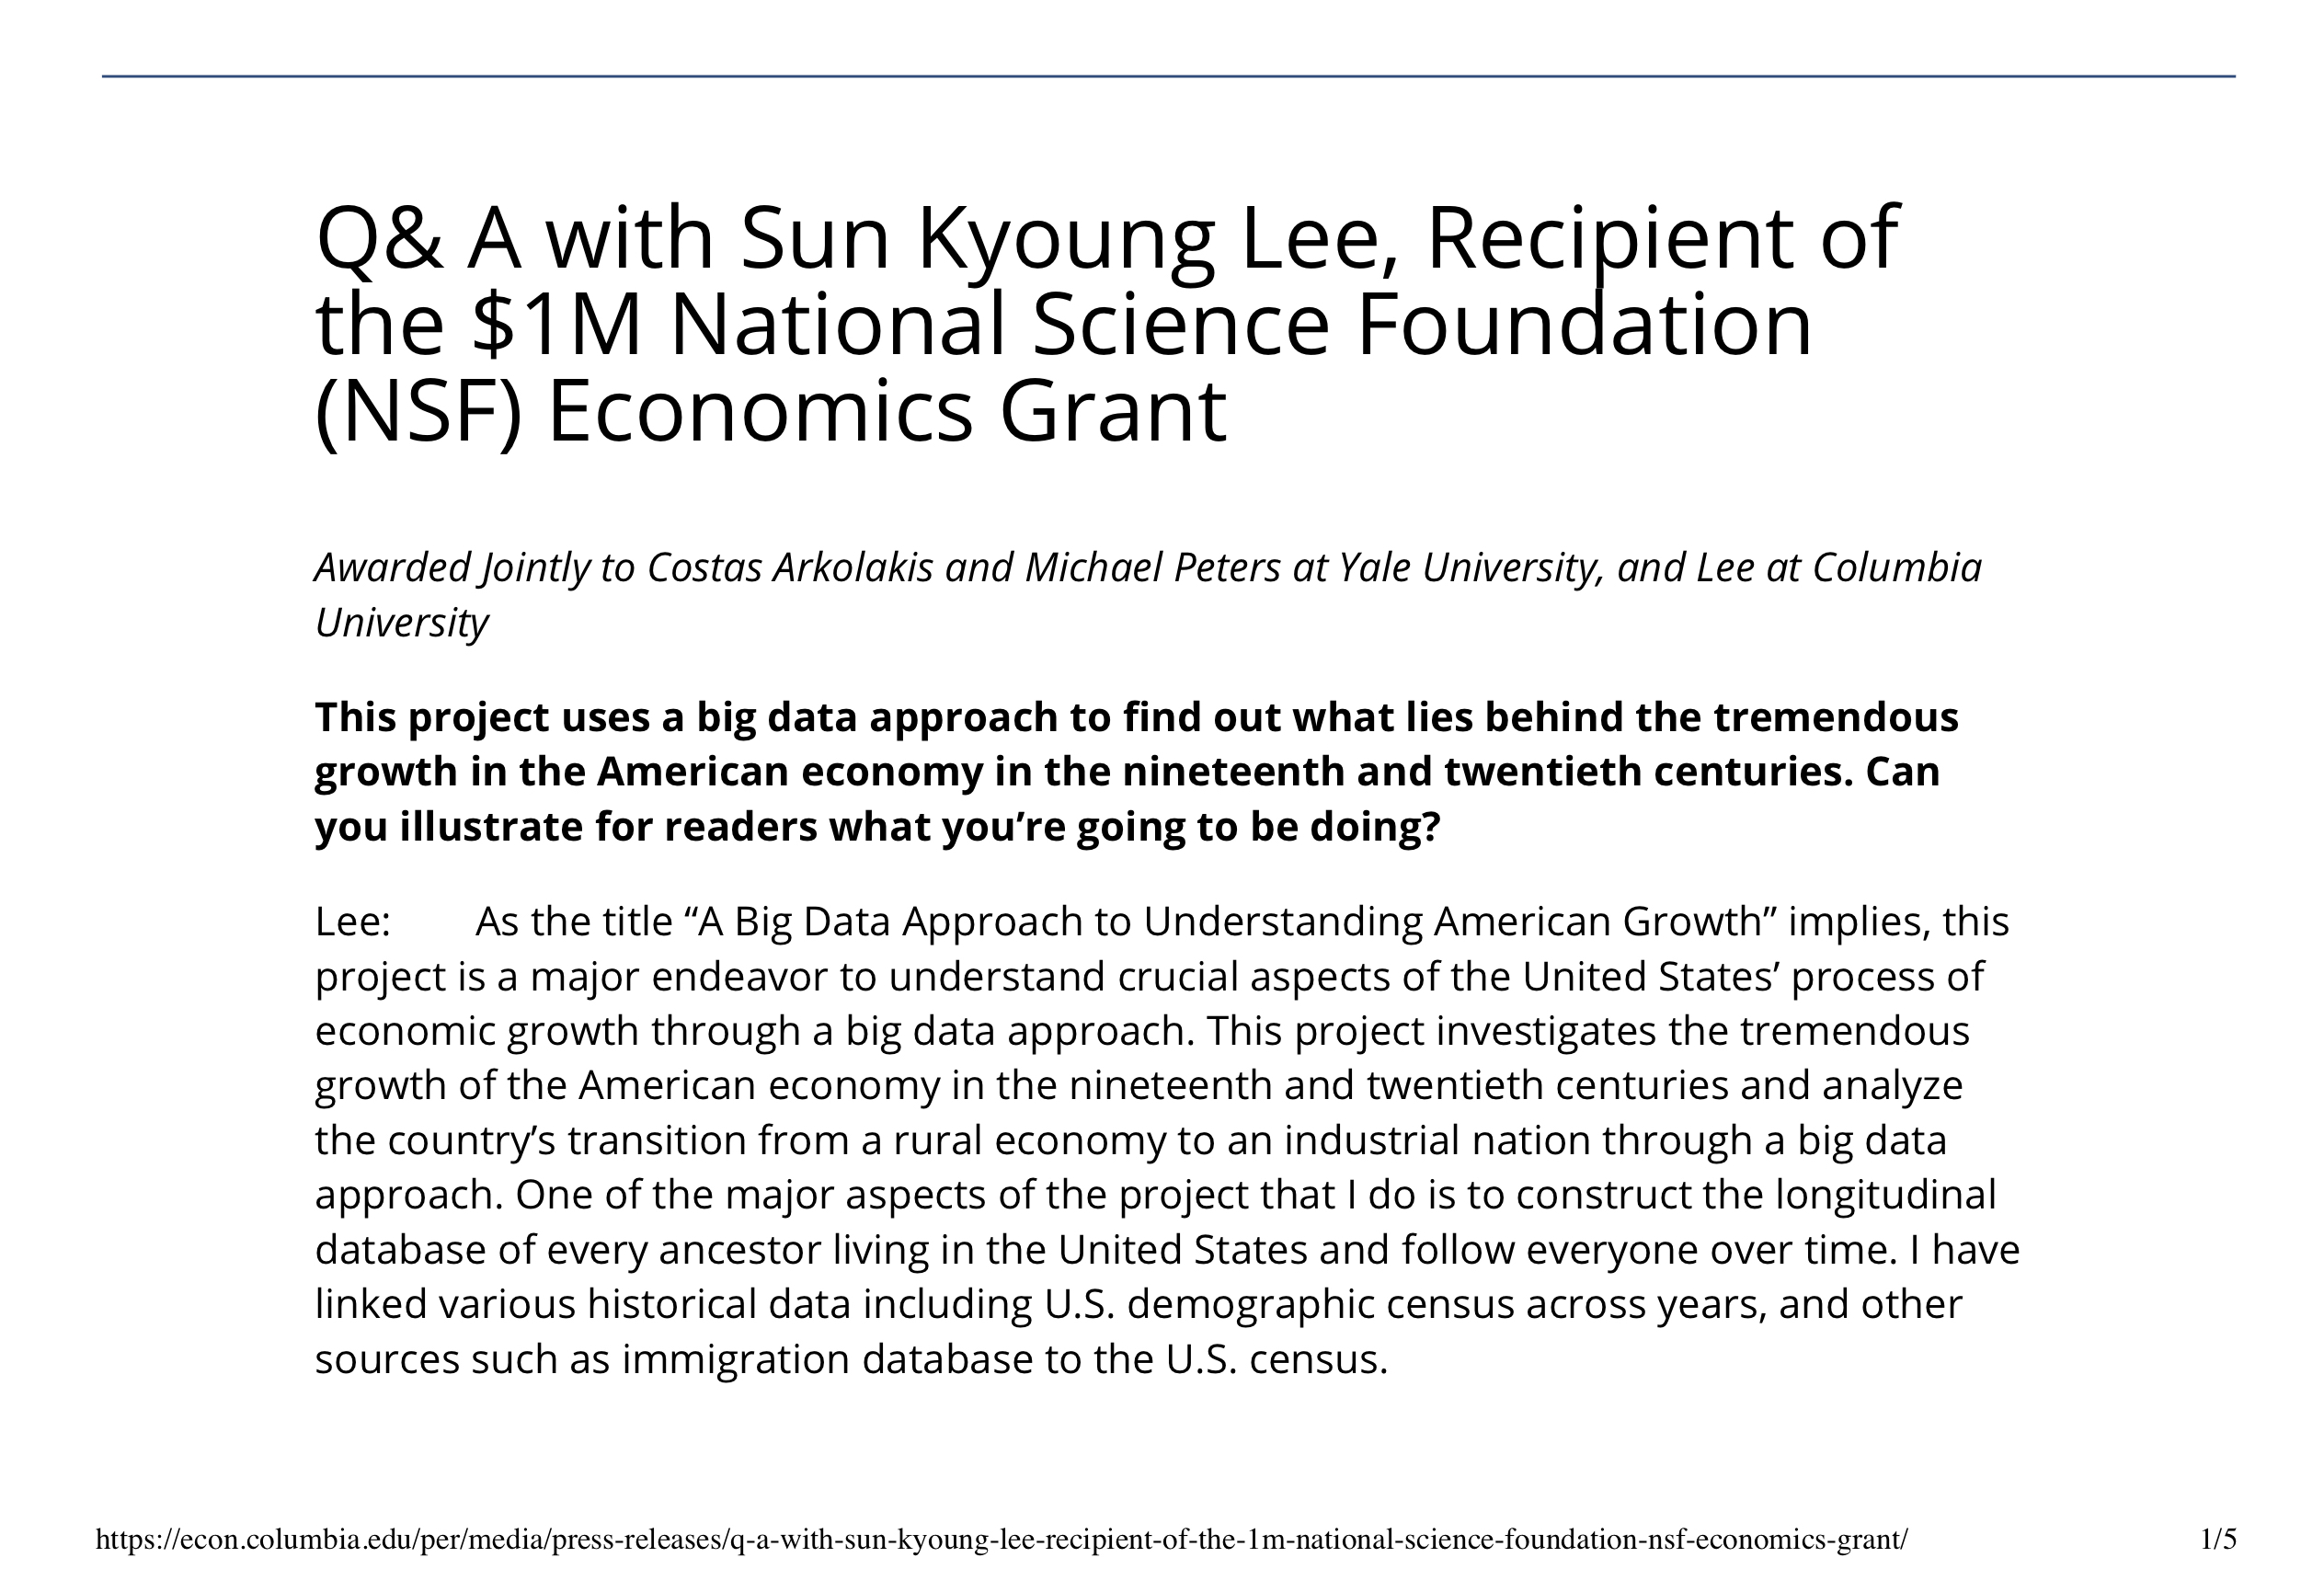 Q-A-with-Sun-Kyoung-Lee-Recipient-of-...Economics-Grant-Columbia-Economics_pp1